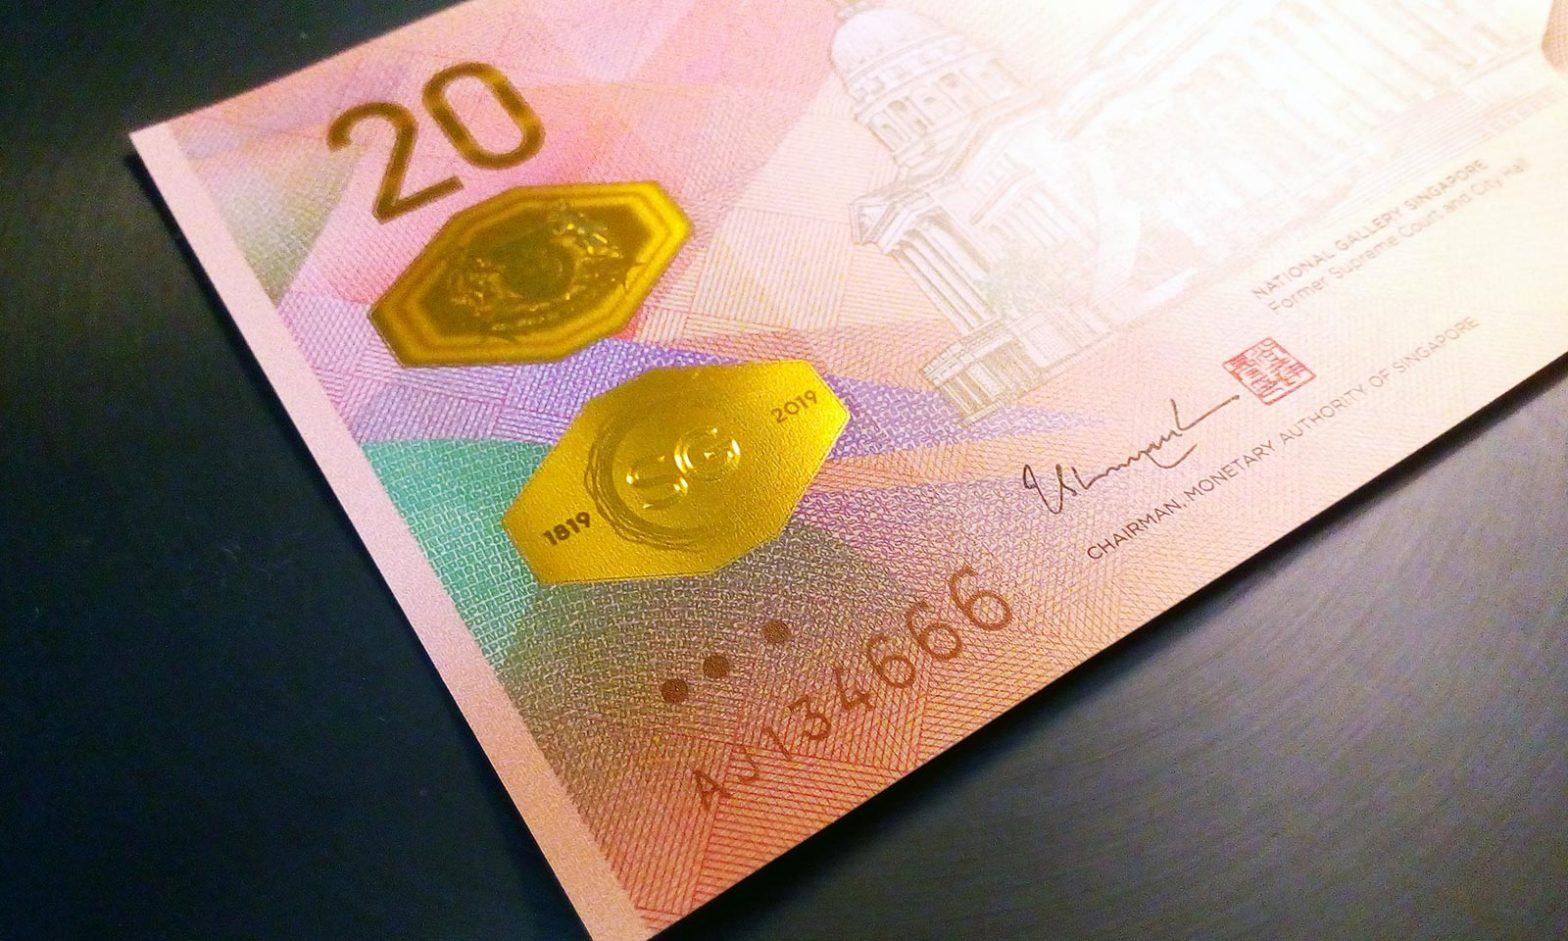 Singapore Bicentennial $20 Last Prefix AJ